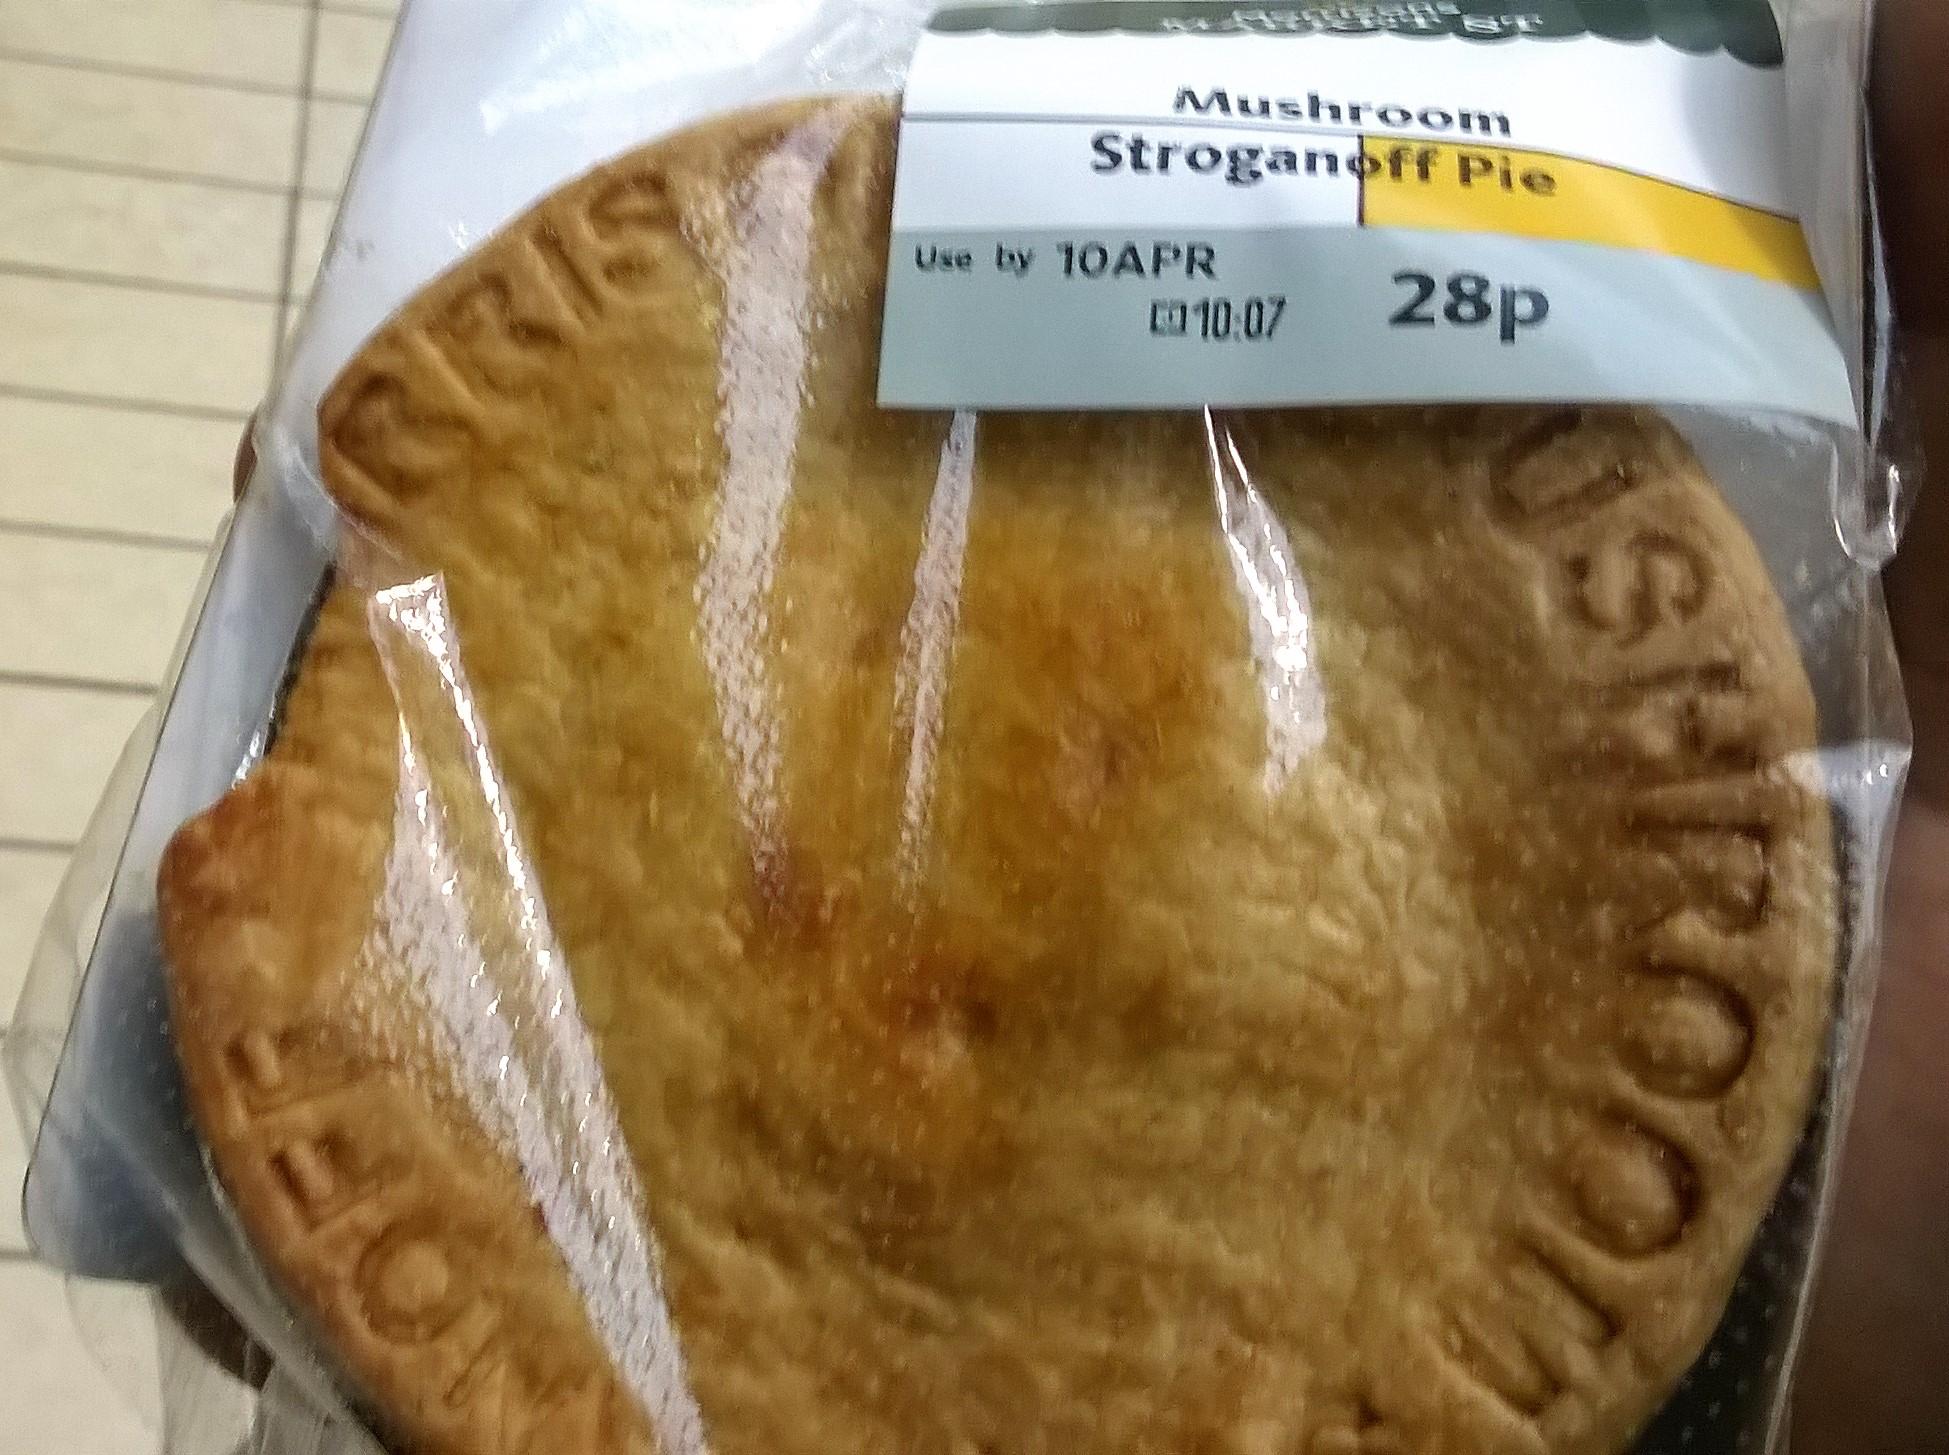 Morrisons individual Mushroom Stroganoff pie - 28p instore